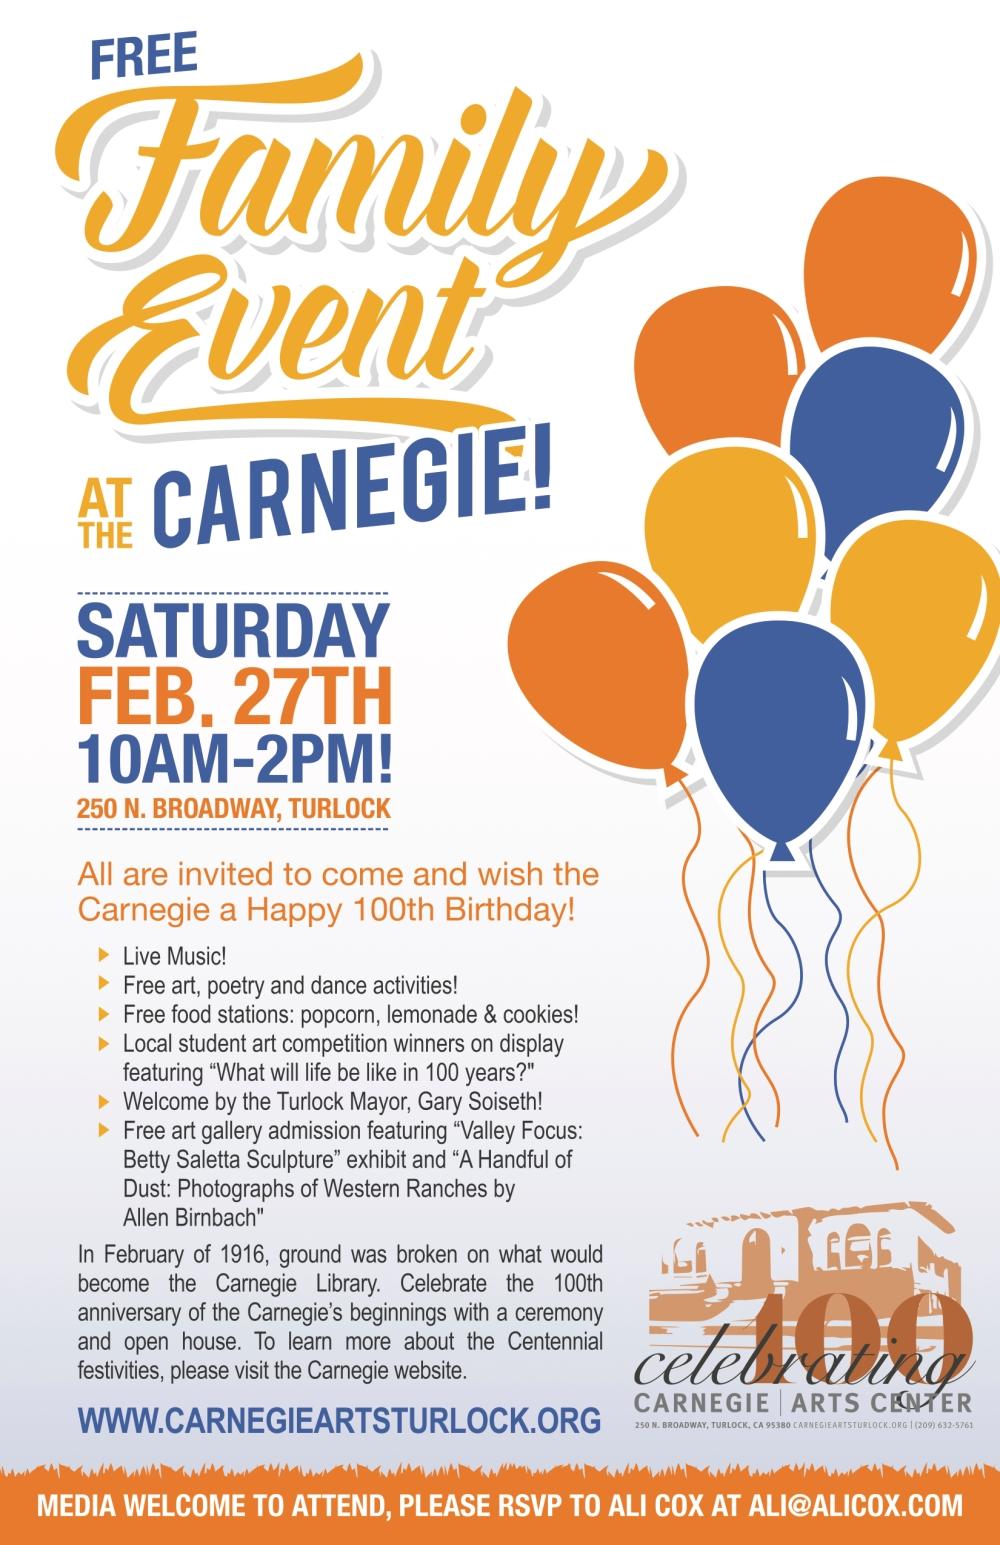 CarnegieArtsCenter_FreeFamilyEvent_poster_noMarks